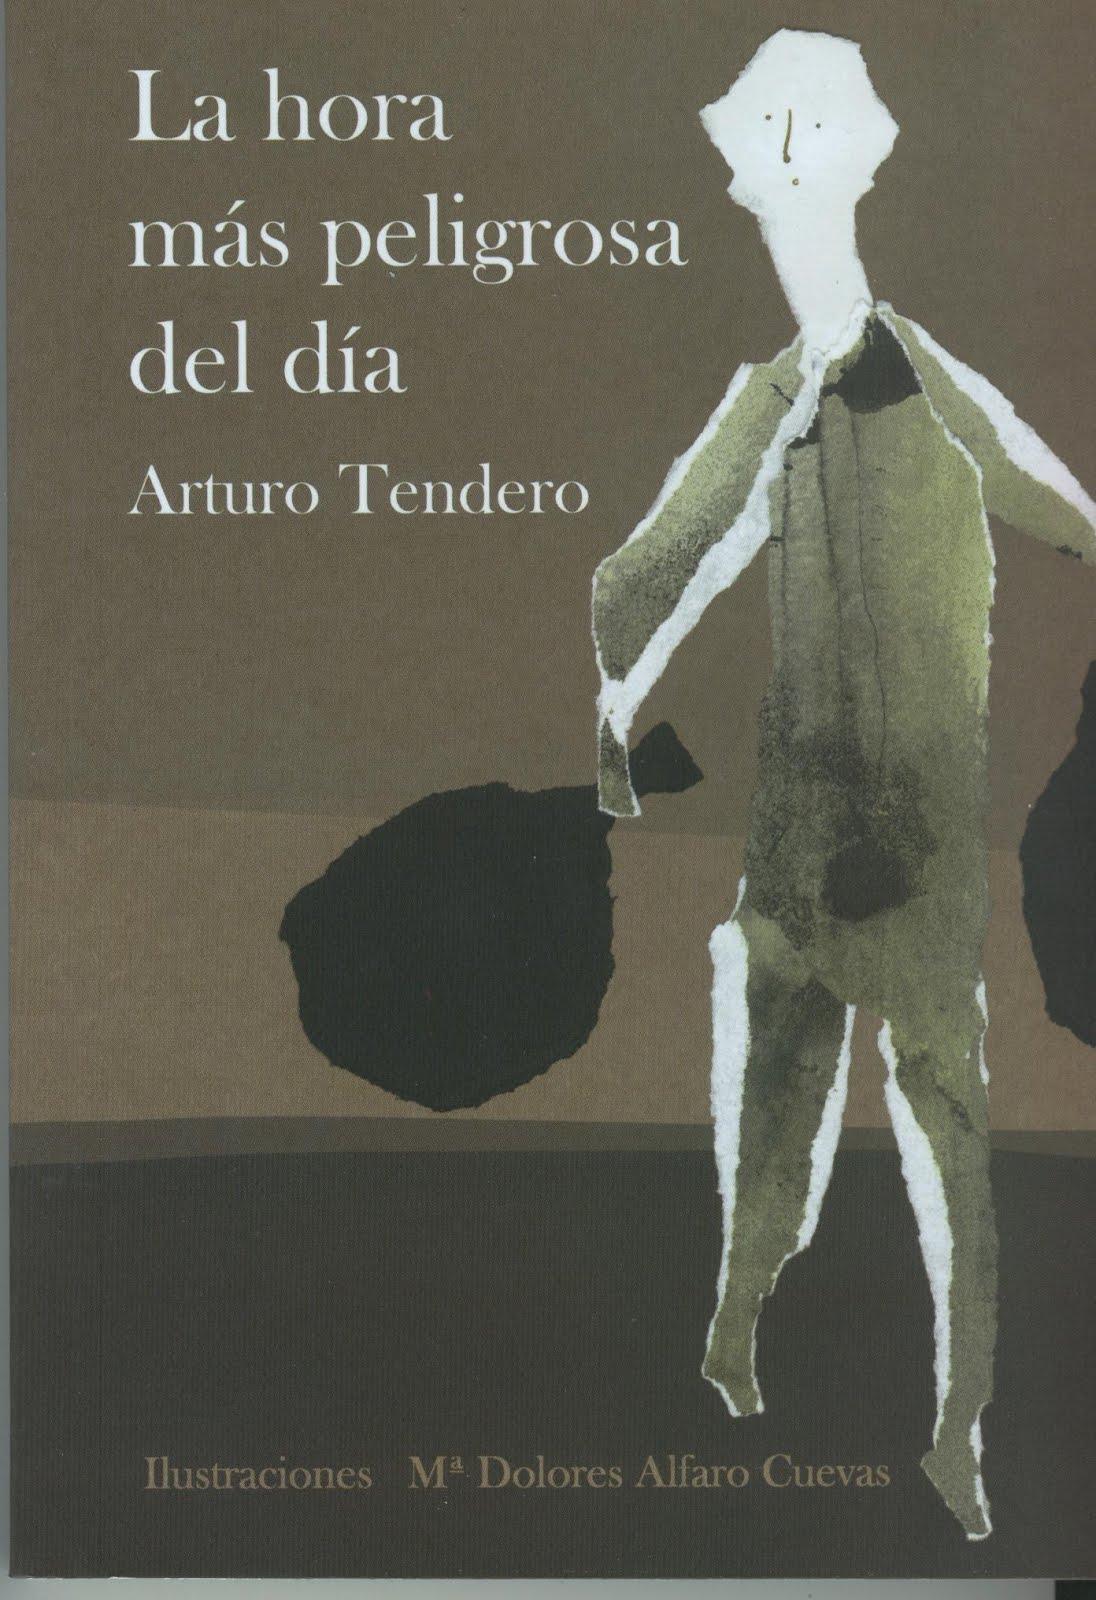 La hora más peligrosa del día / Arturo Tendero